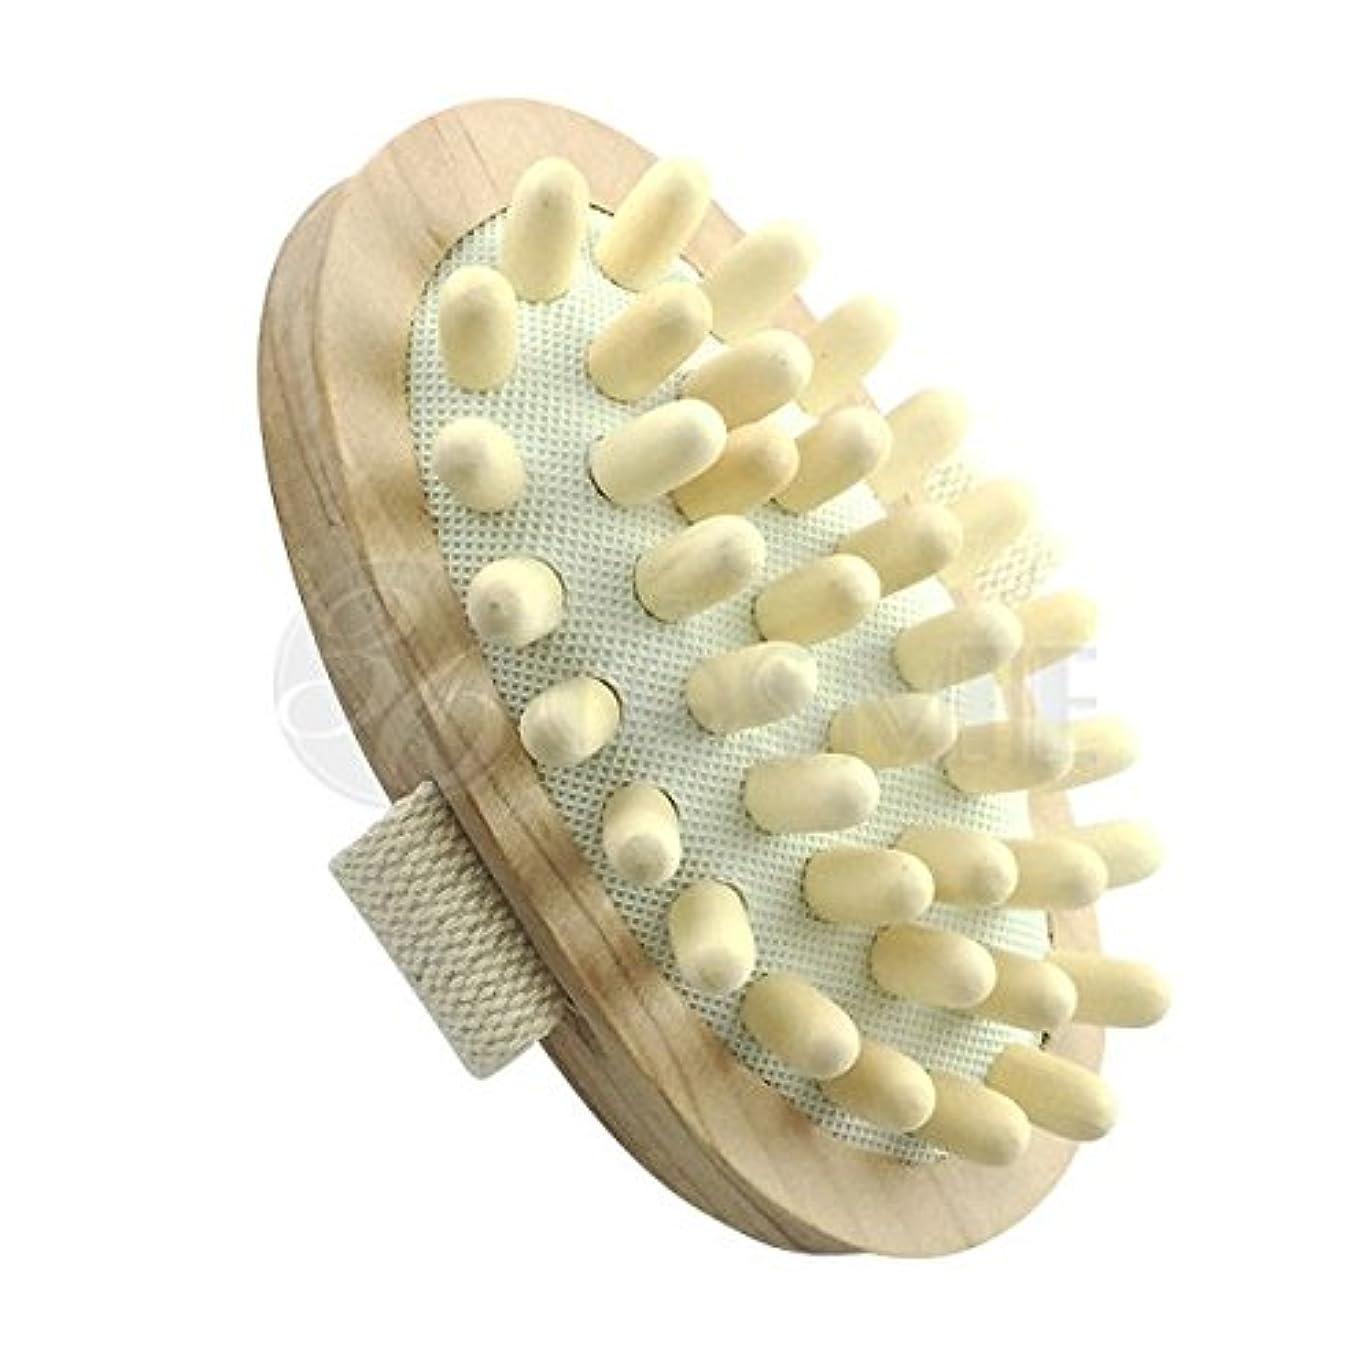 傷つける狂乱ジャンルスリミングウッドブラシ(木製)セルライト対策に ボディマッサージ専用ブラシ